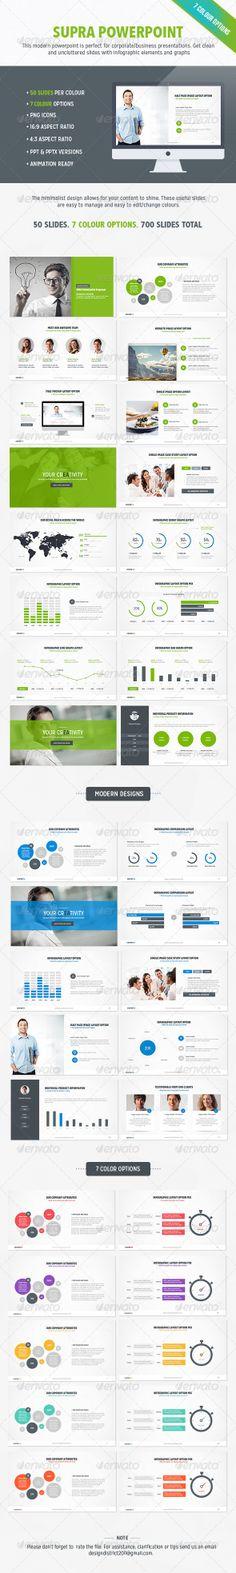 Supra Powerpoint Presentation - Powerpoint Templates Presentation Templates